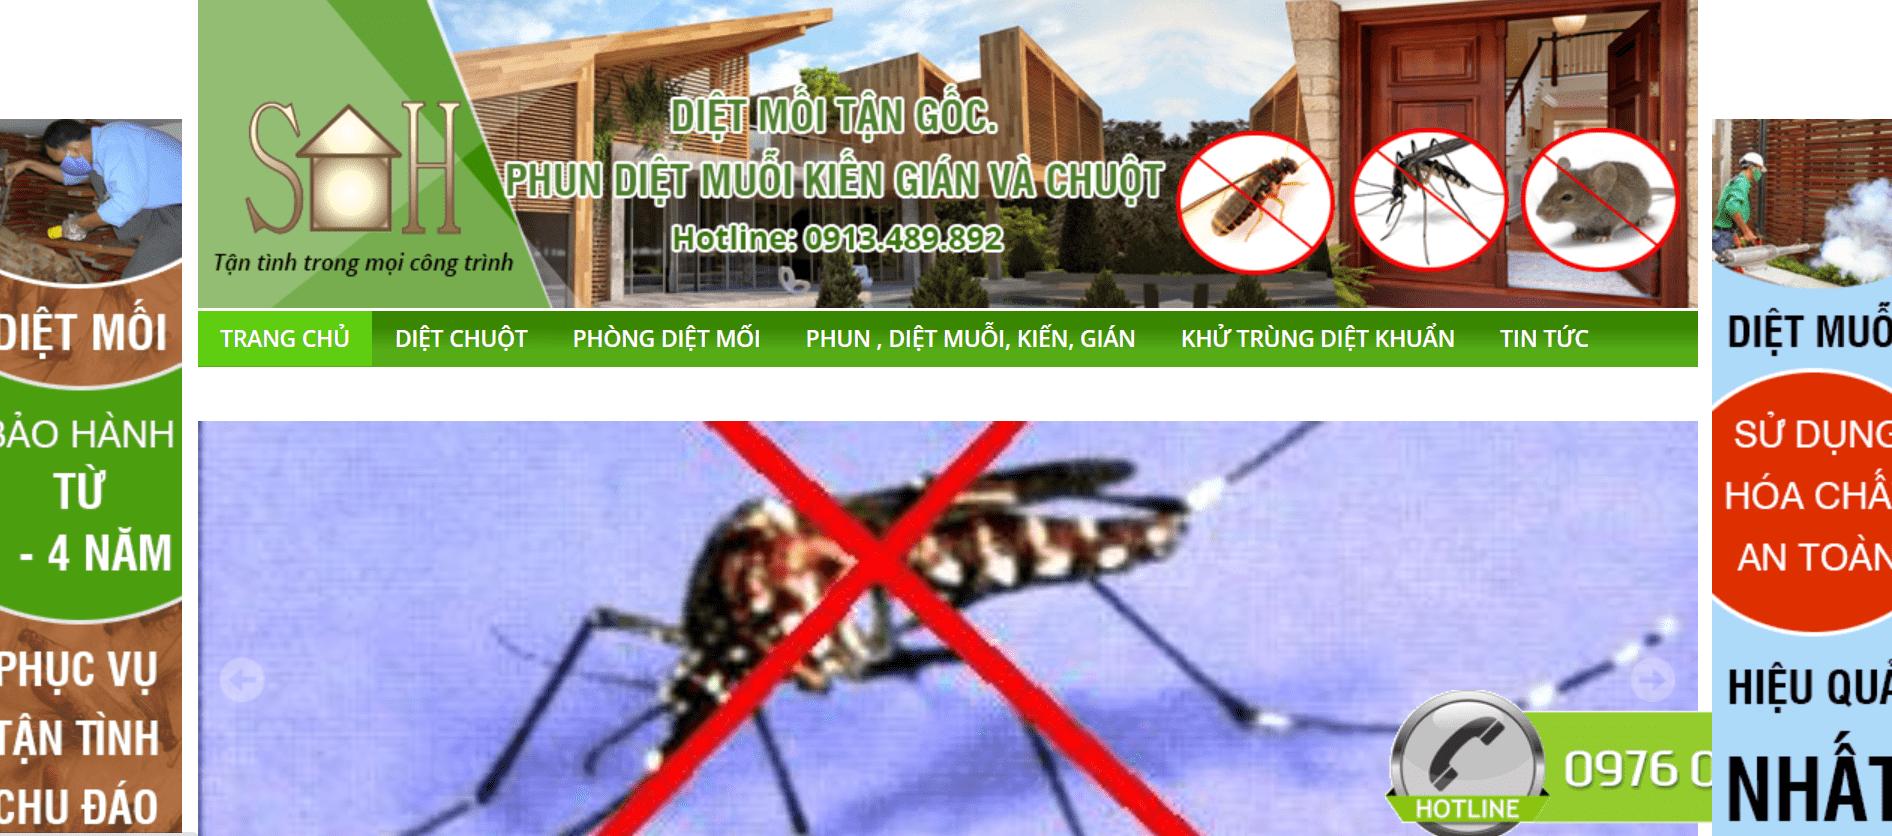 diệt côn trùng Hà Nội